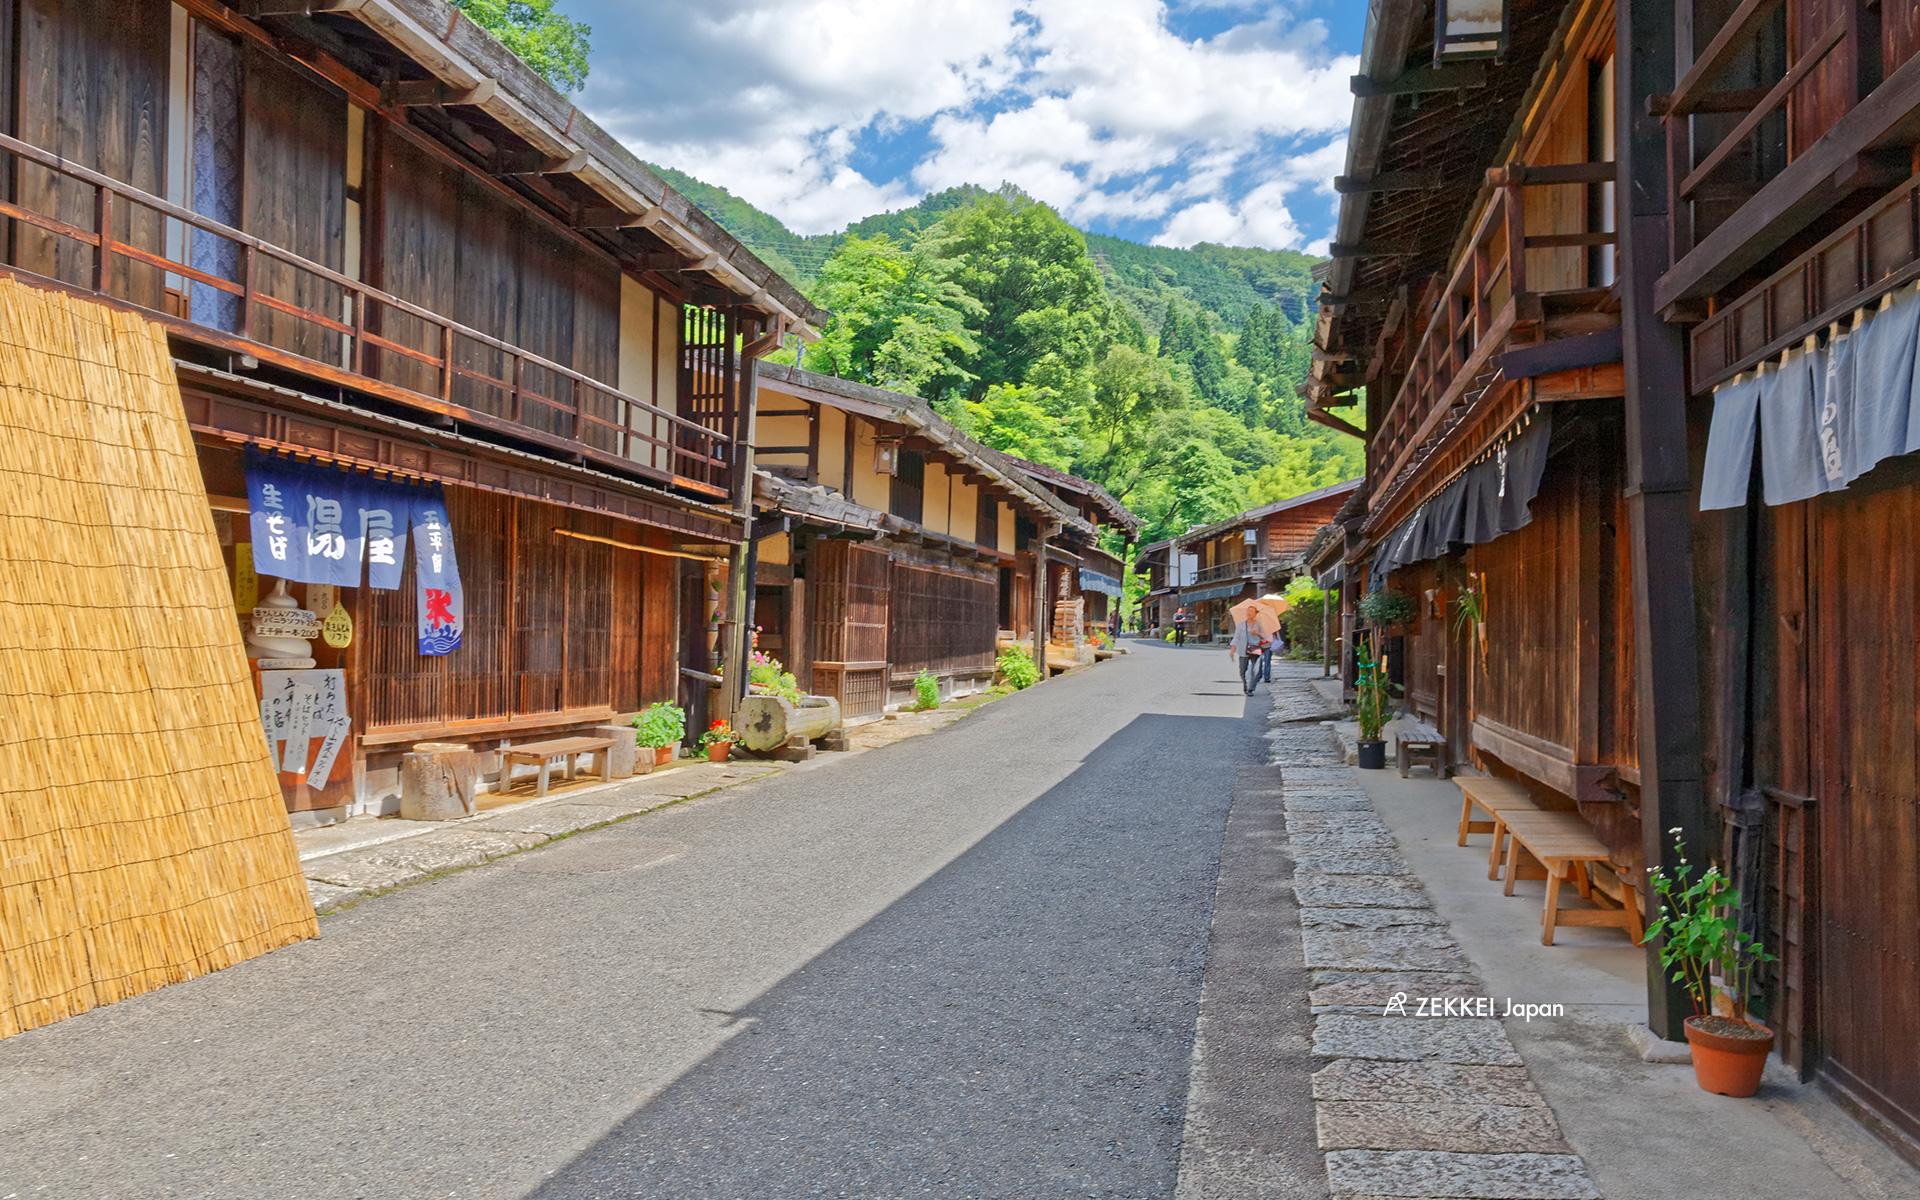 あなたのパソコン スマホに絶景を ノスタルジックな古い街並みの絶景壁紙をプレゼント Zekkei Japan